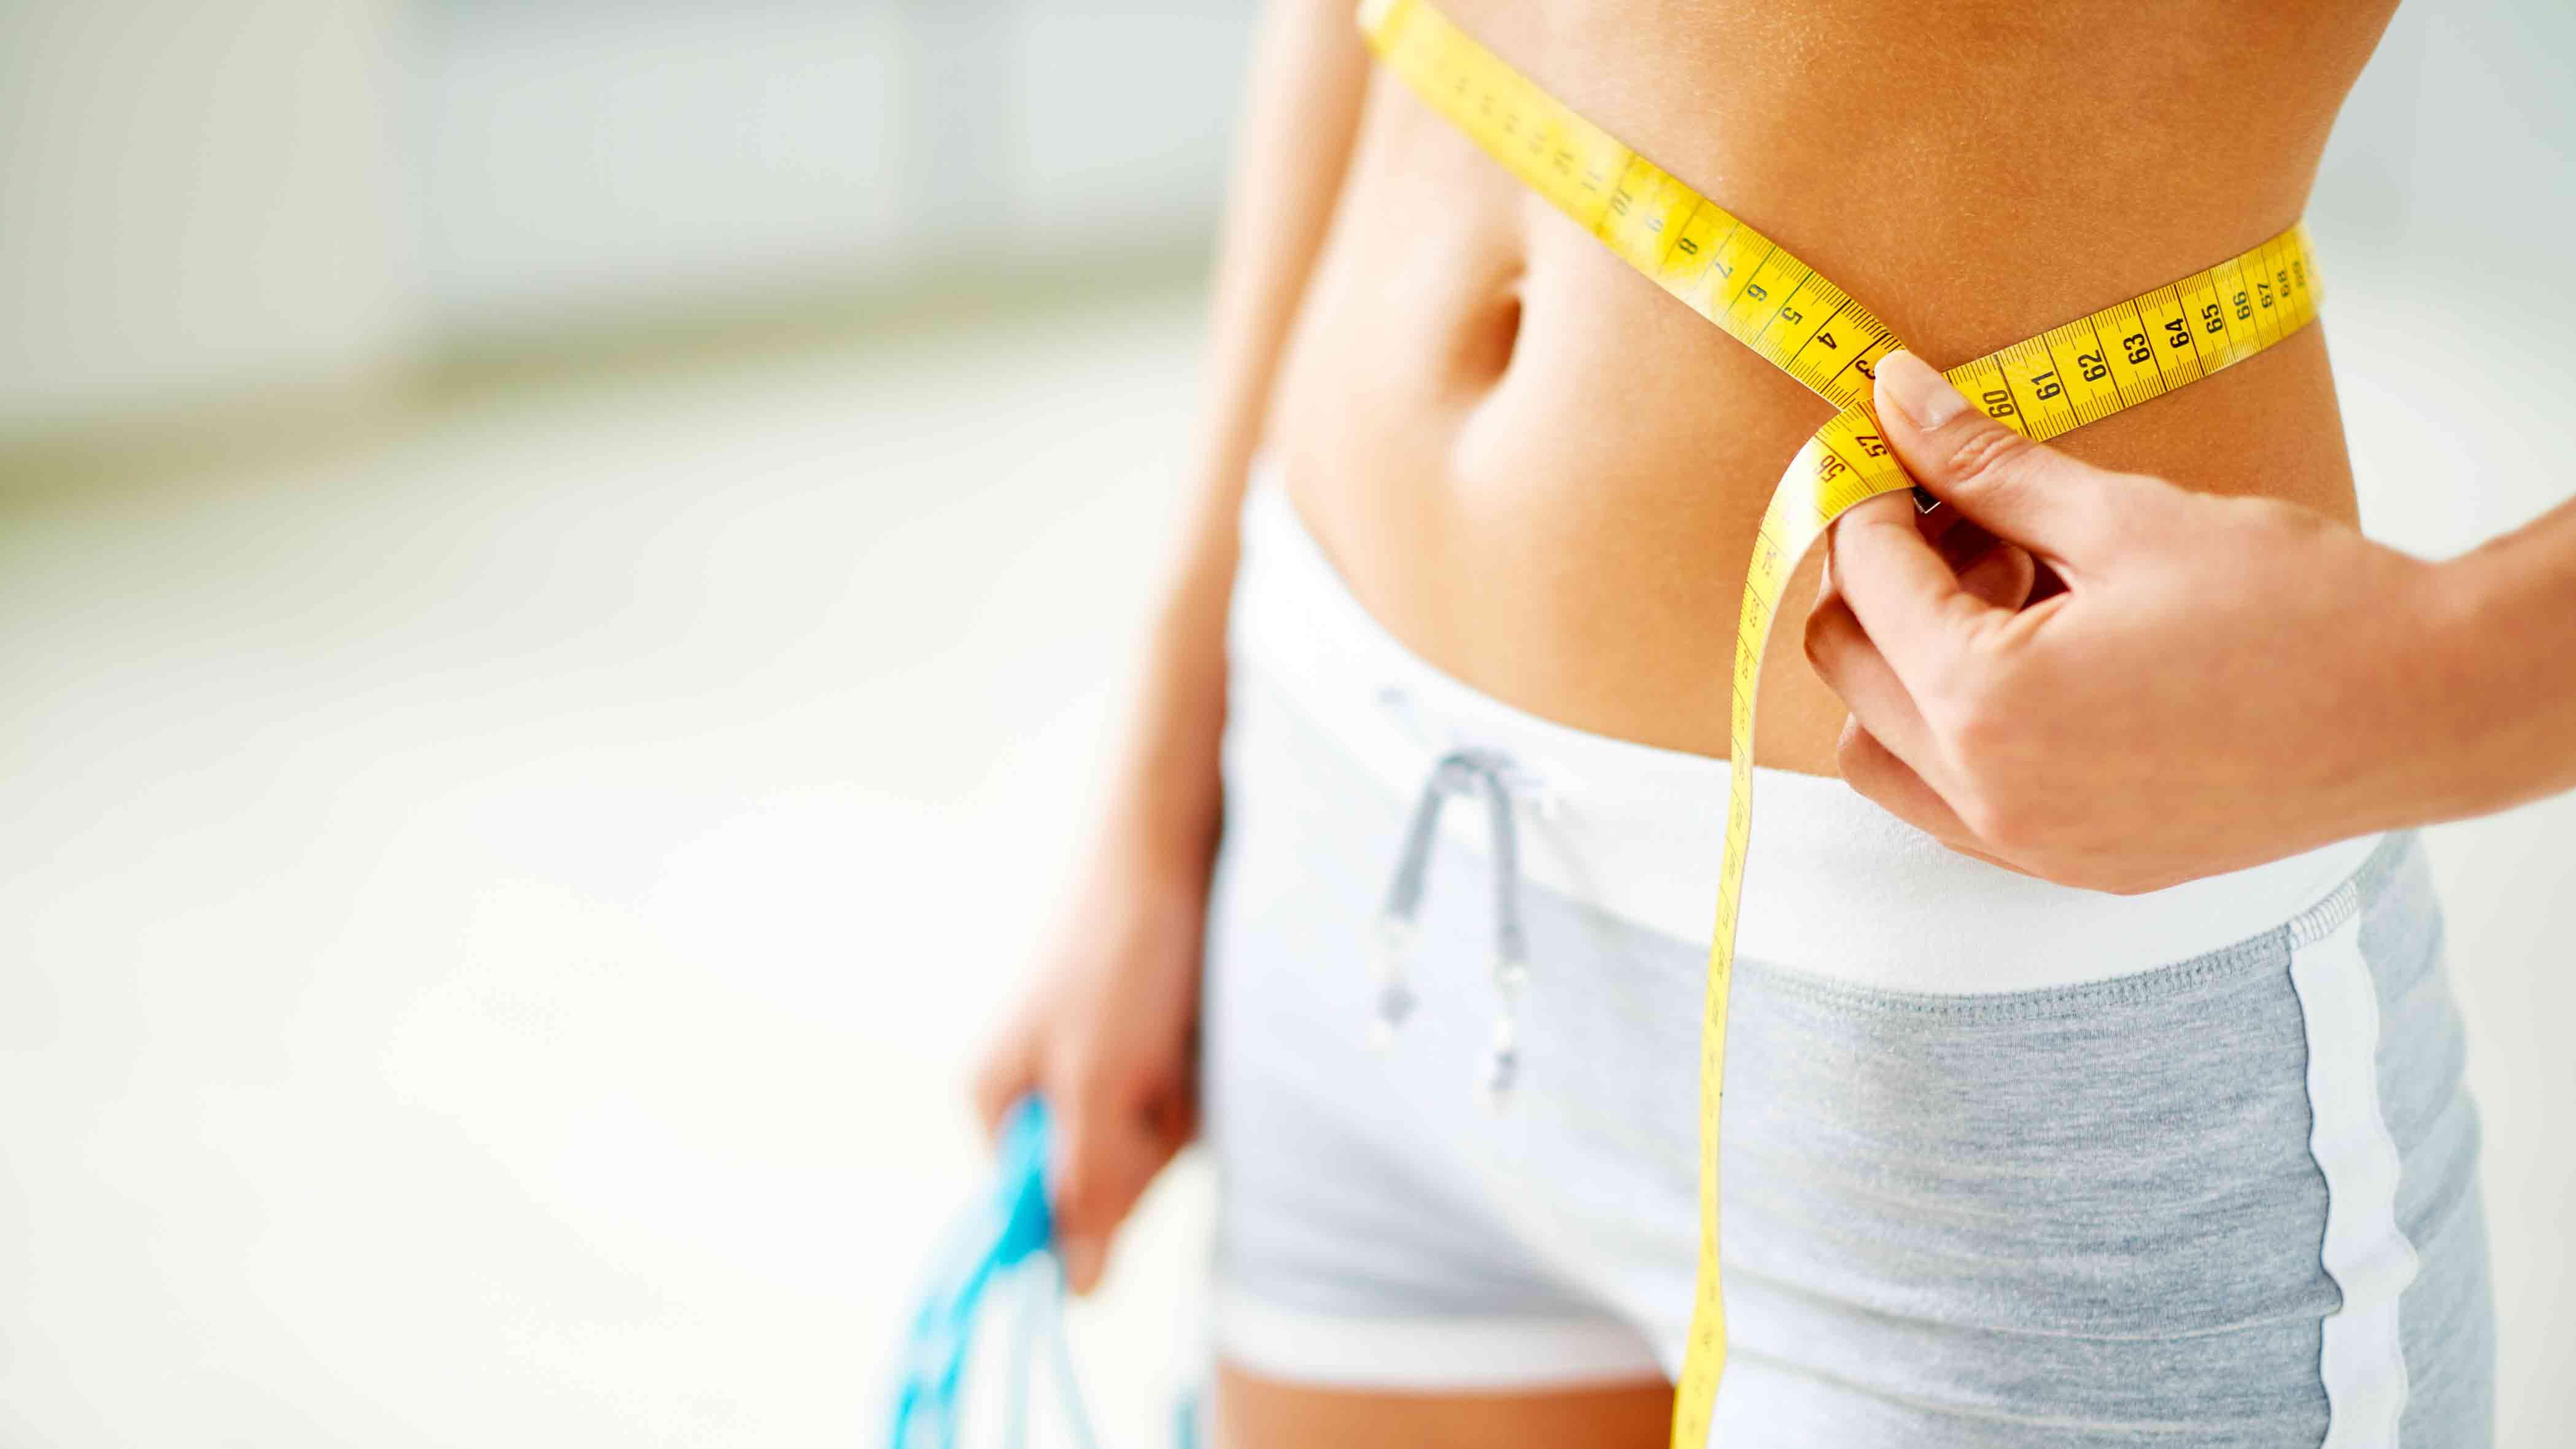 pouvons-nous perdre du poids au hammam histoire de perte de poids osce stop